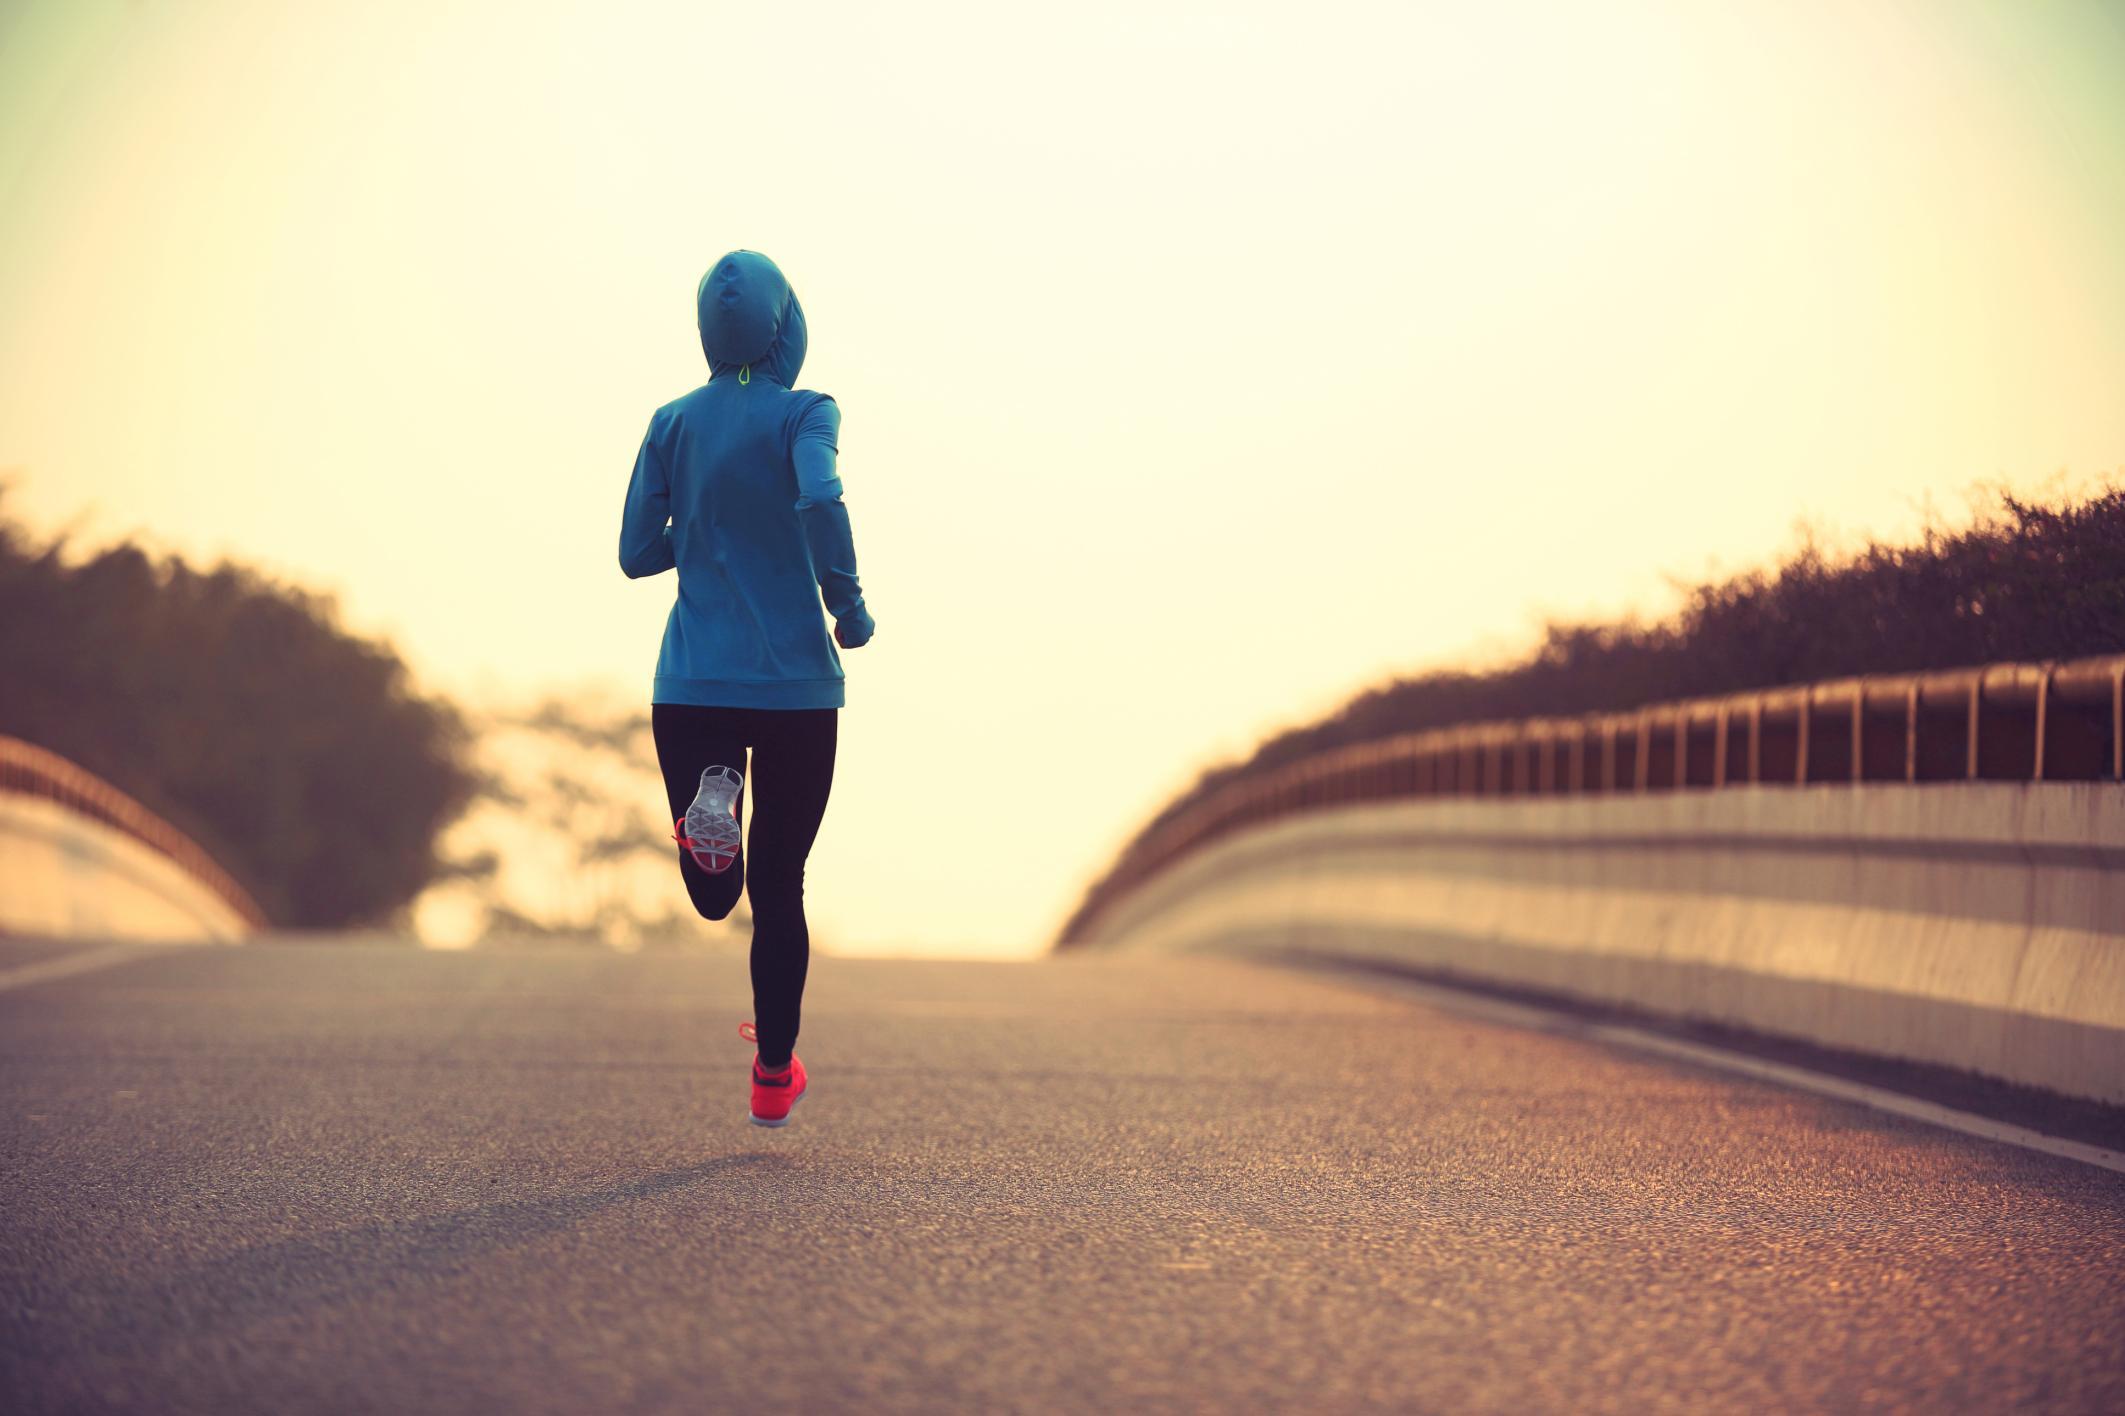 Mujer con sudadera azul y zapatillas rosas corriendo por una carretera